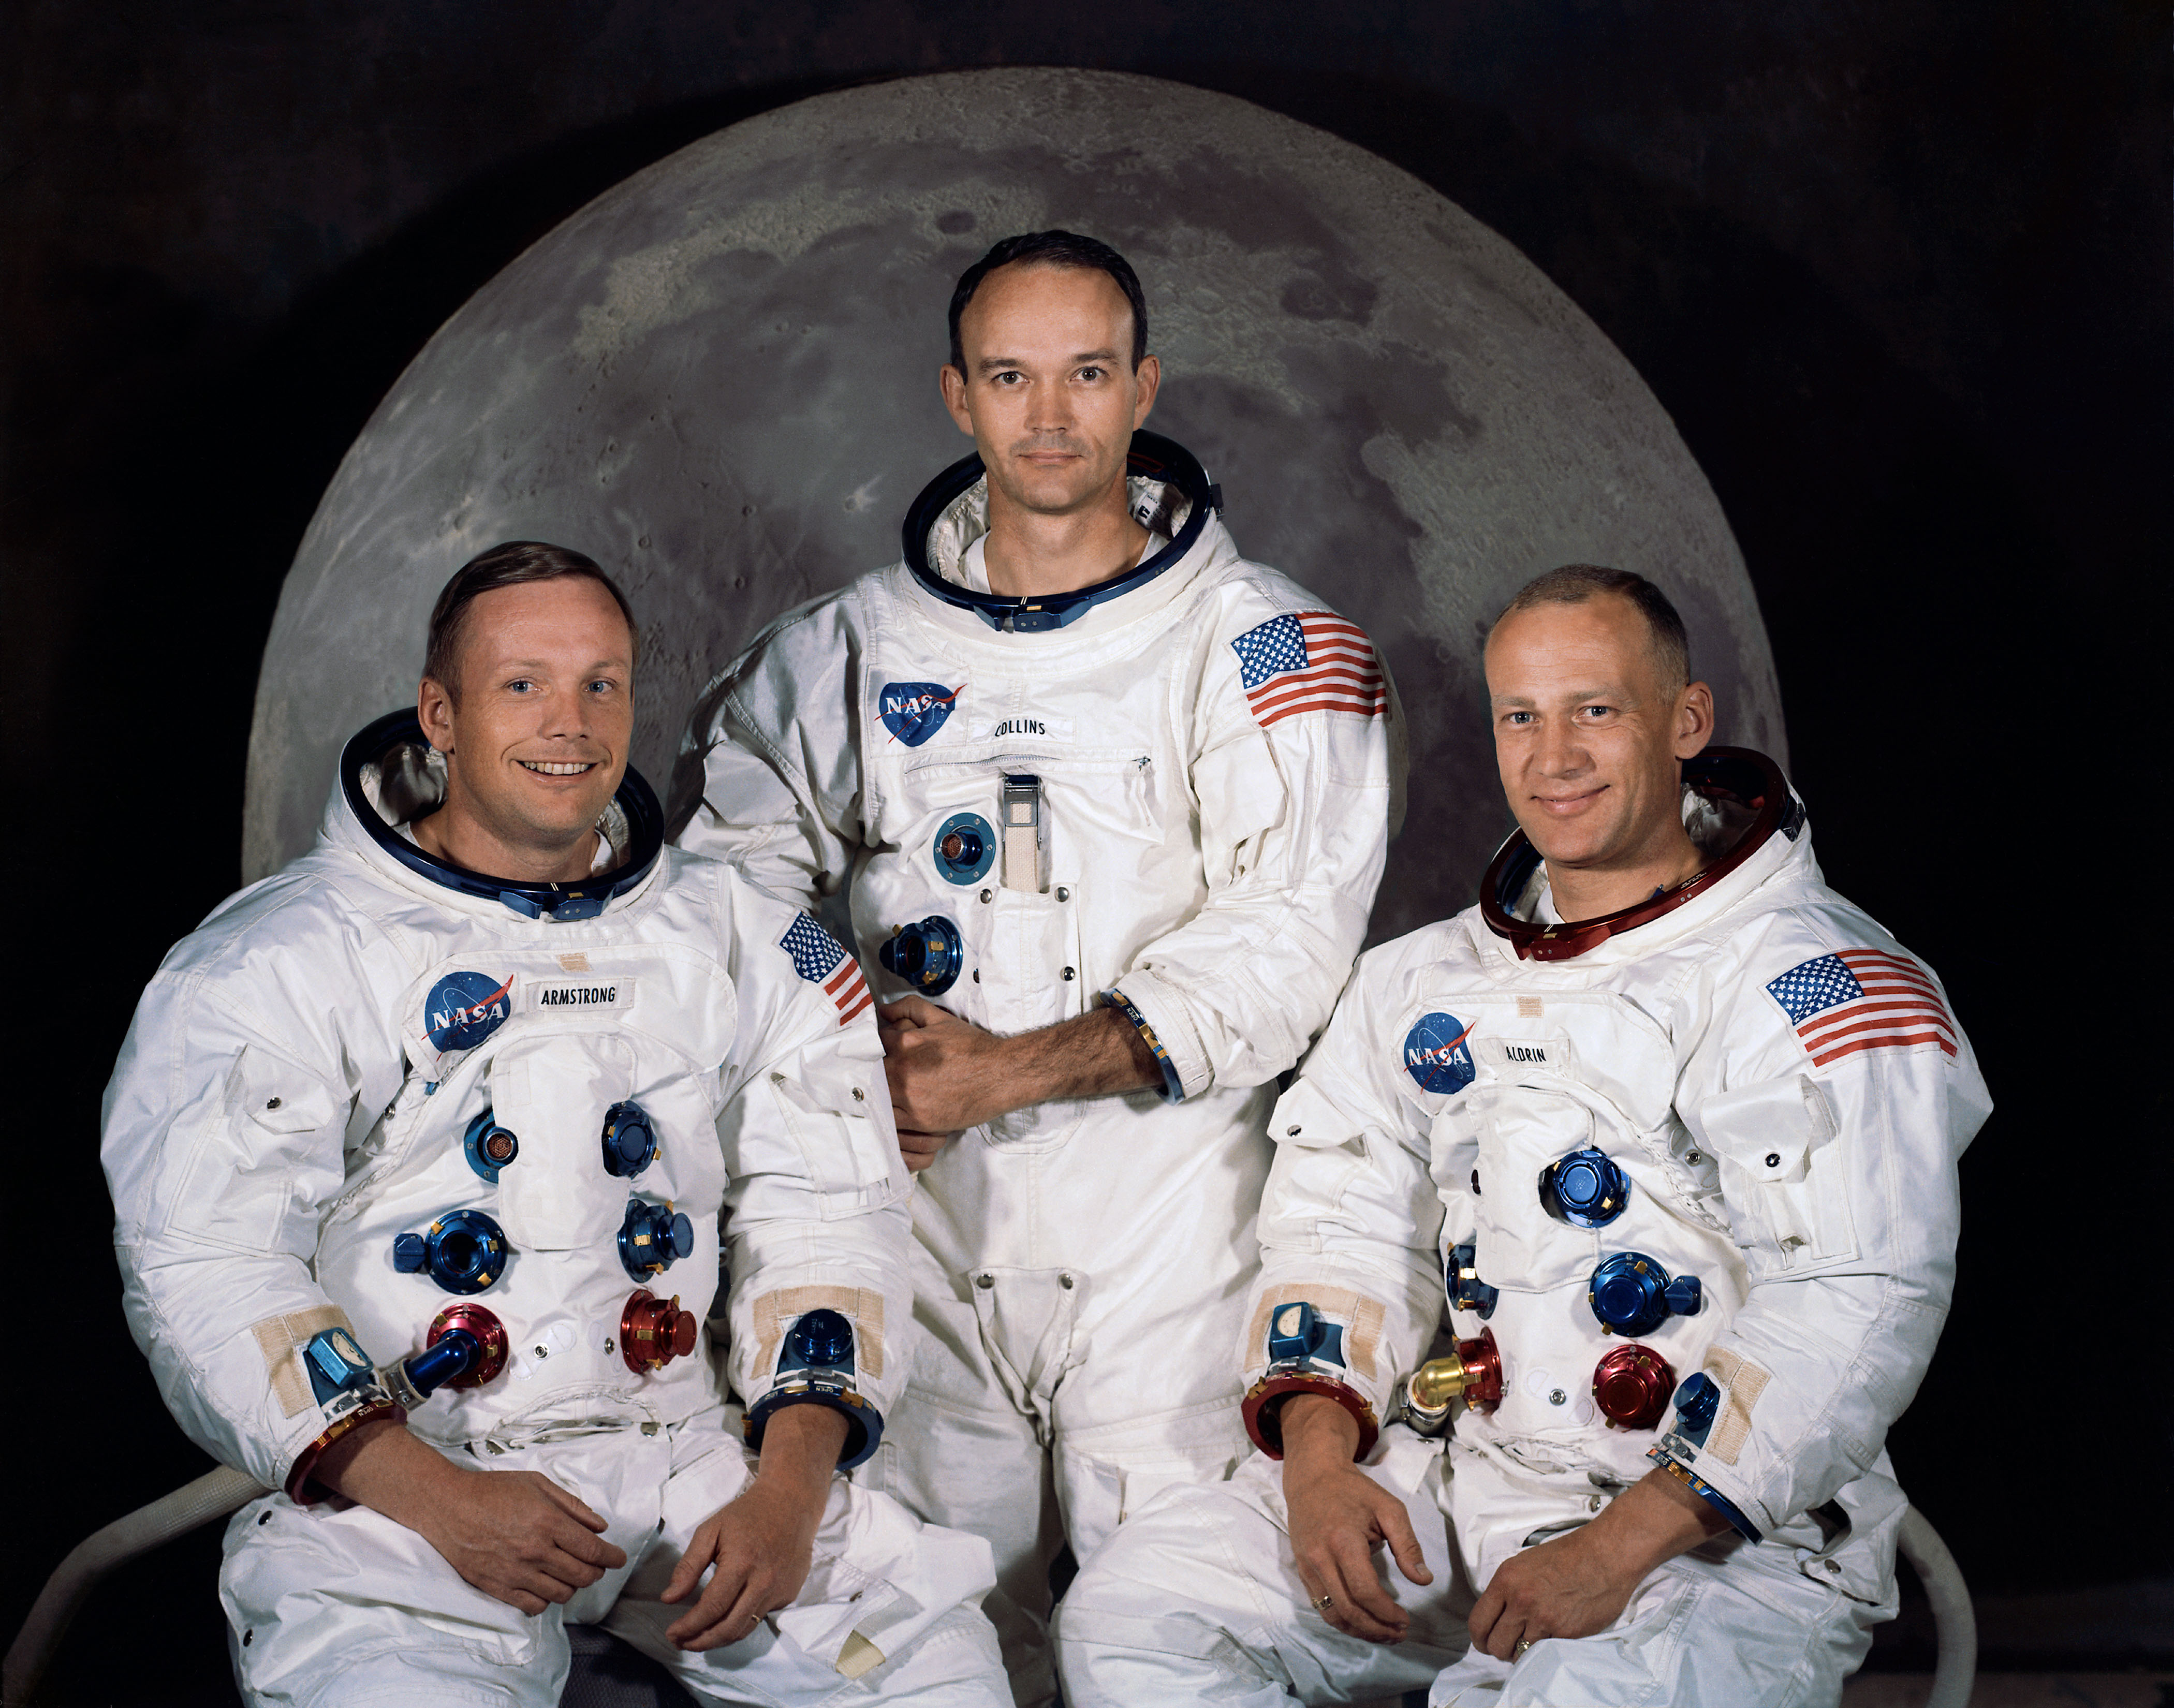 از چپ به راست:نیل آرمسترانگ,مایک کالینز,باز آلدرین